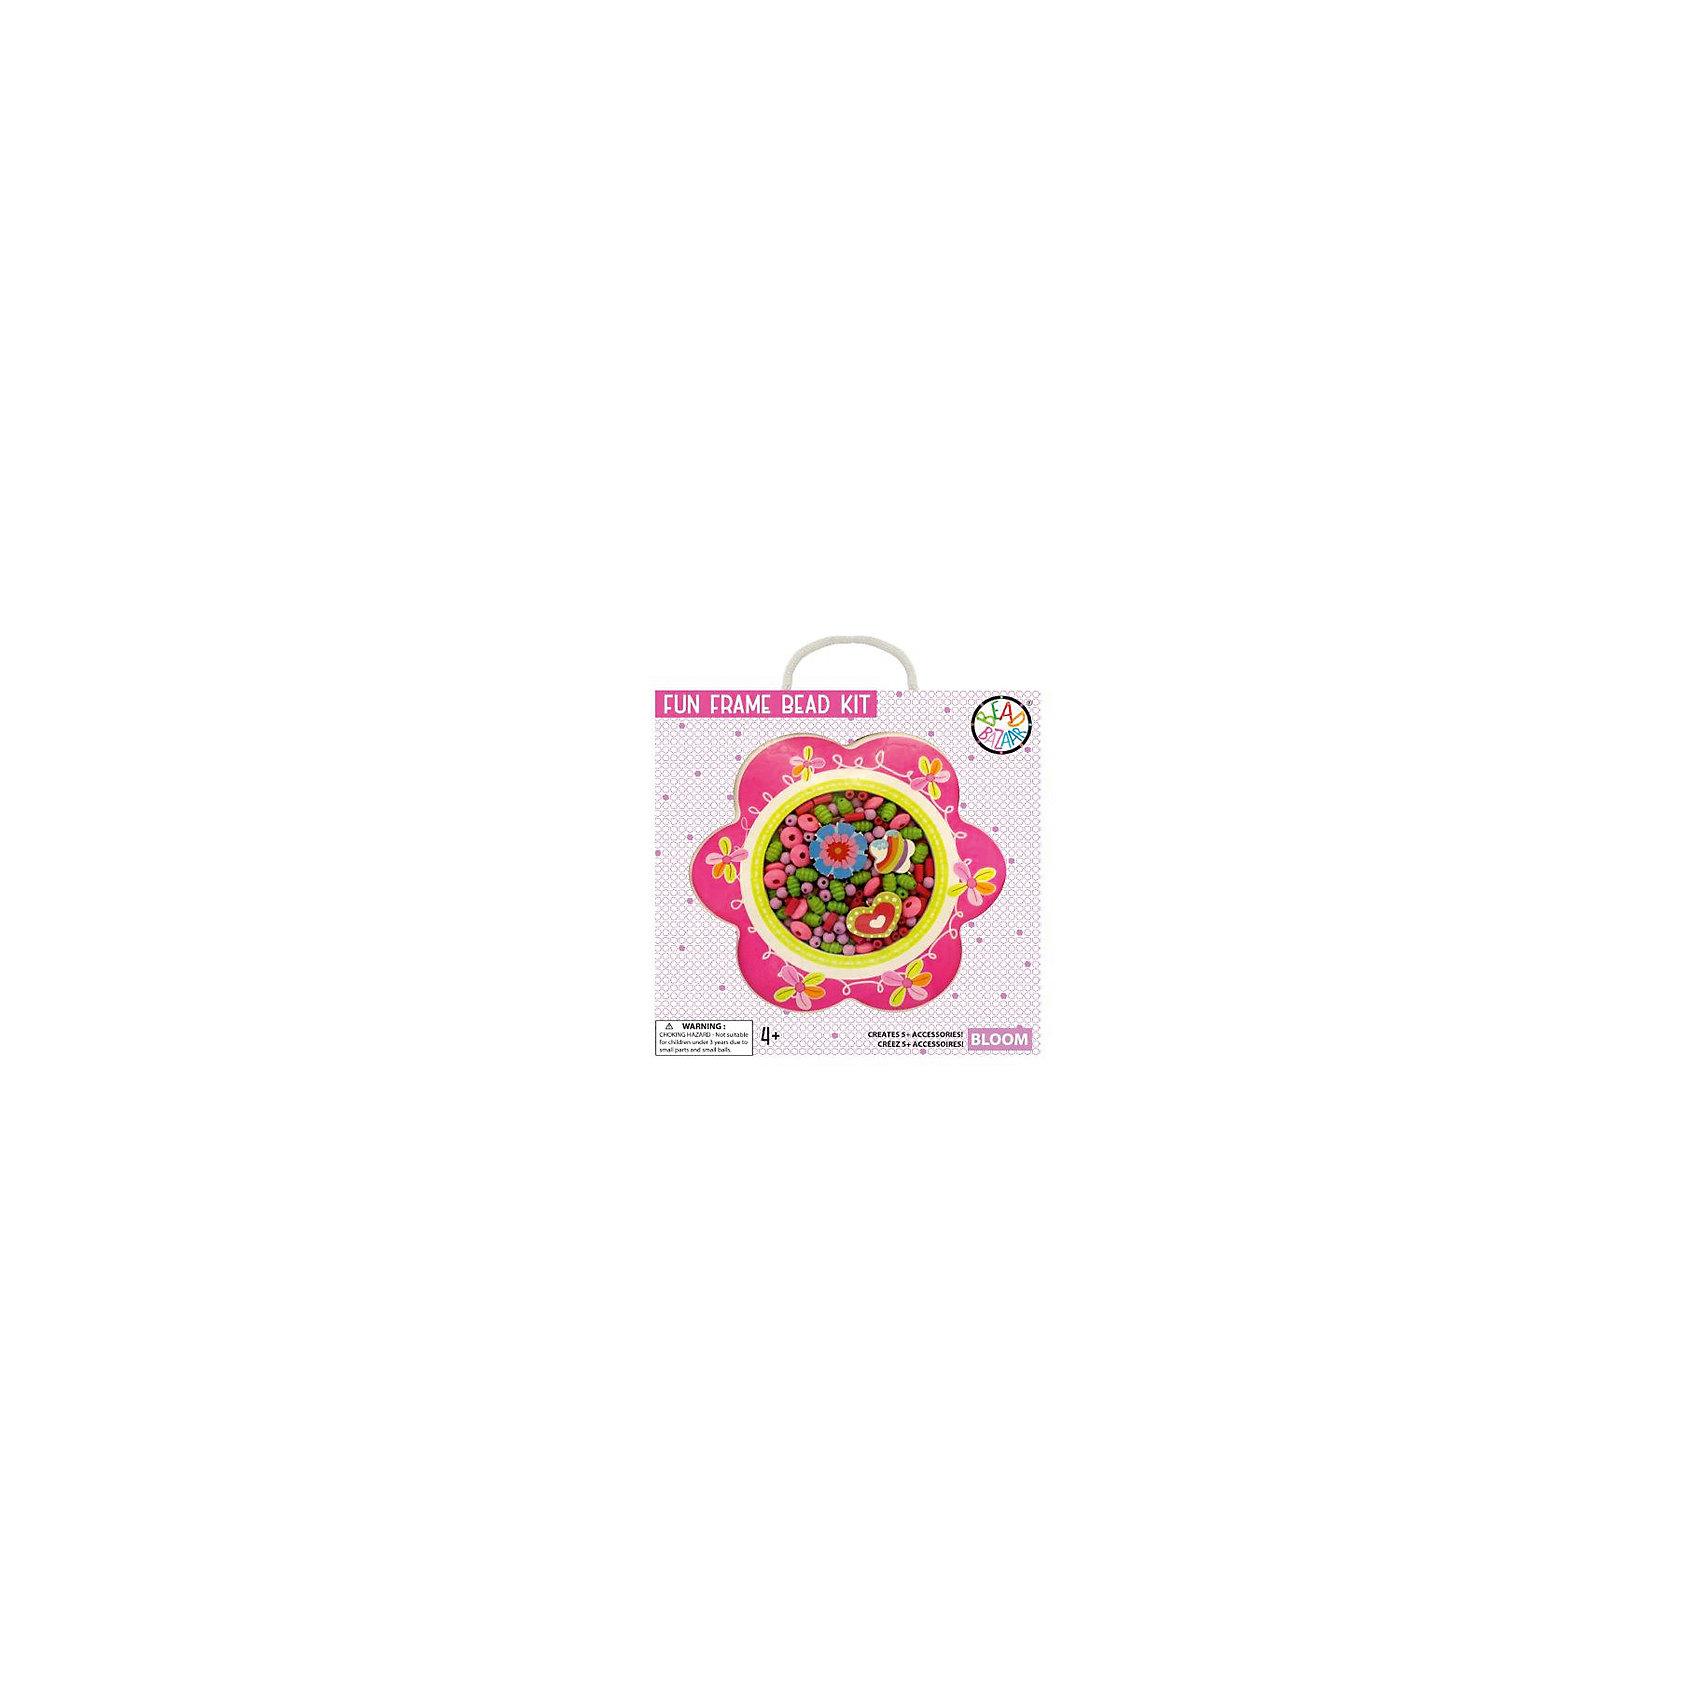 Набор бусин в рамке ЦветокНабор бусин в рамке Цветок – чудесный подарок для творческой девочки! С помощью этого набора она сможет создать для себя и подруг разнообразные украшения: бусы, браслеты и многое другое. Это изумительная возможность продемонстрировать свои творческие способности в полной мере! А оригинальную упаковку с вырезанным контуром красивого цветка можно использовать в качестве рамки для своего фото.<br><br>Комплектация: деревянные бусины, хлопковые веревочки, 3 подвески, инструкция по сборке<br><br>Дополнительная информация:<br>-Развивает: воображение, творческие способности, усидчивость, мелкую моторику, координацию движений, комбинаторные способности, аккуратность<br>-Вес в упаковке: 100 г<br>-Размеры в упаковке: 24х25х3 см<br>-Материалы: дерево, текстиль<br><br>Набор бусин в рамке Цветок, оформленный в оригинальную упаковку, несказанно понравится маленькой рукодельнице!<br><br>Набор бусин в рамке Цветок можно купить в нашем магазине.<br><br>Ширина мм: 240<br>Глубина мм: 250<br>Высота мм: 30<br>Вес г: 100<br>Возраст от месяцев: 48<br>Возраст до месяцев: 108<br>Пол: Женский<br>Возраст: Детский<br>SKU: 4278048